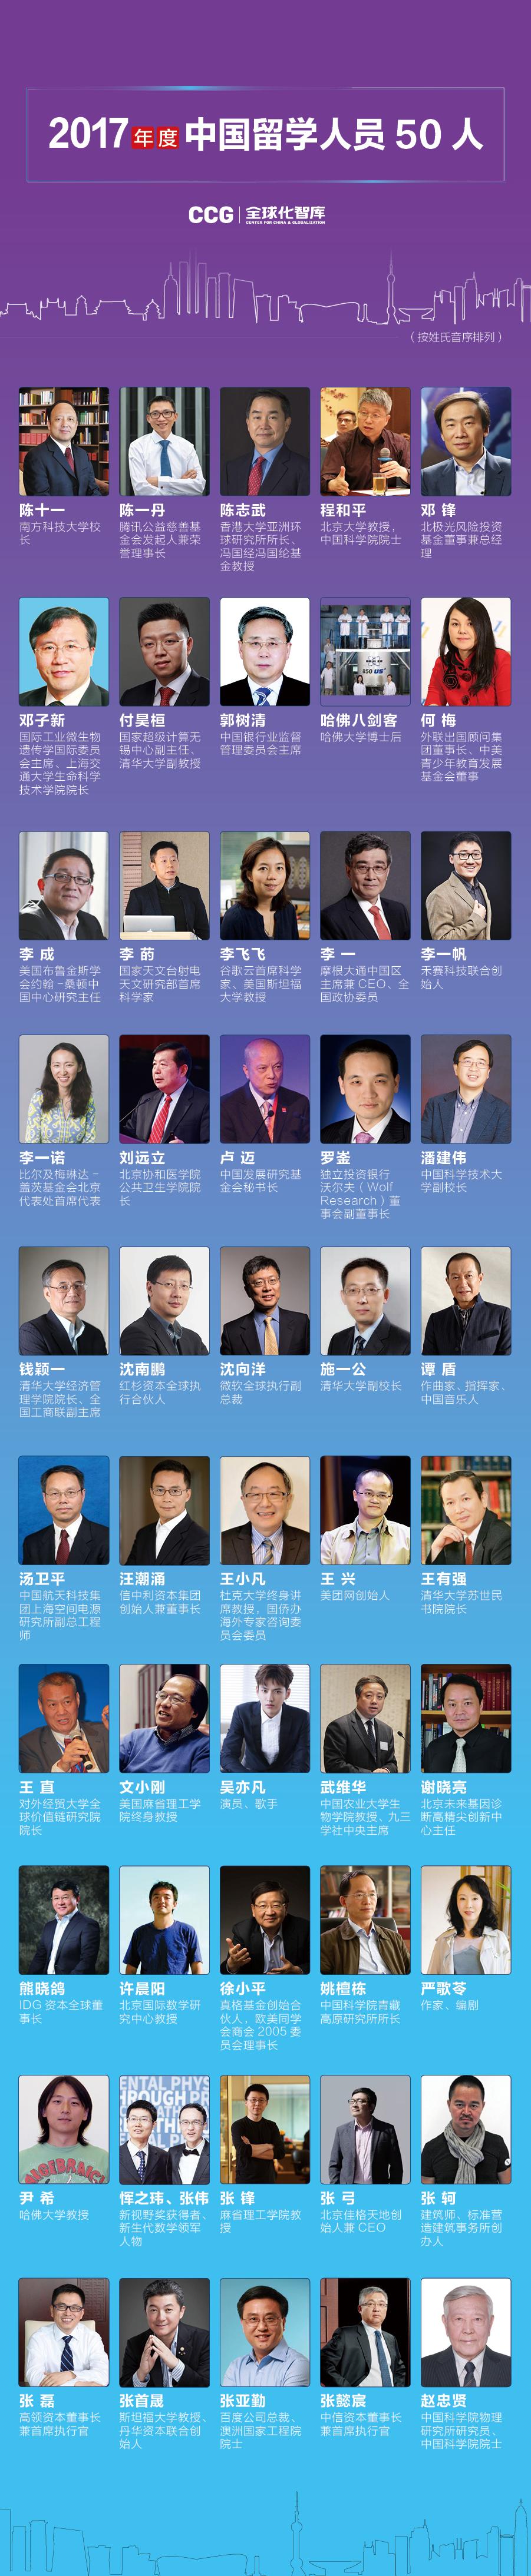 """""""2017年度中国留学人员50人""""榜单:青年留学人才成绩显著"""